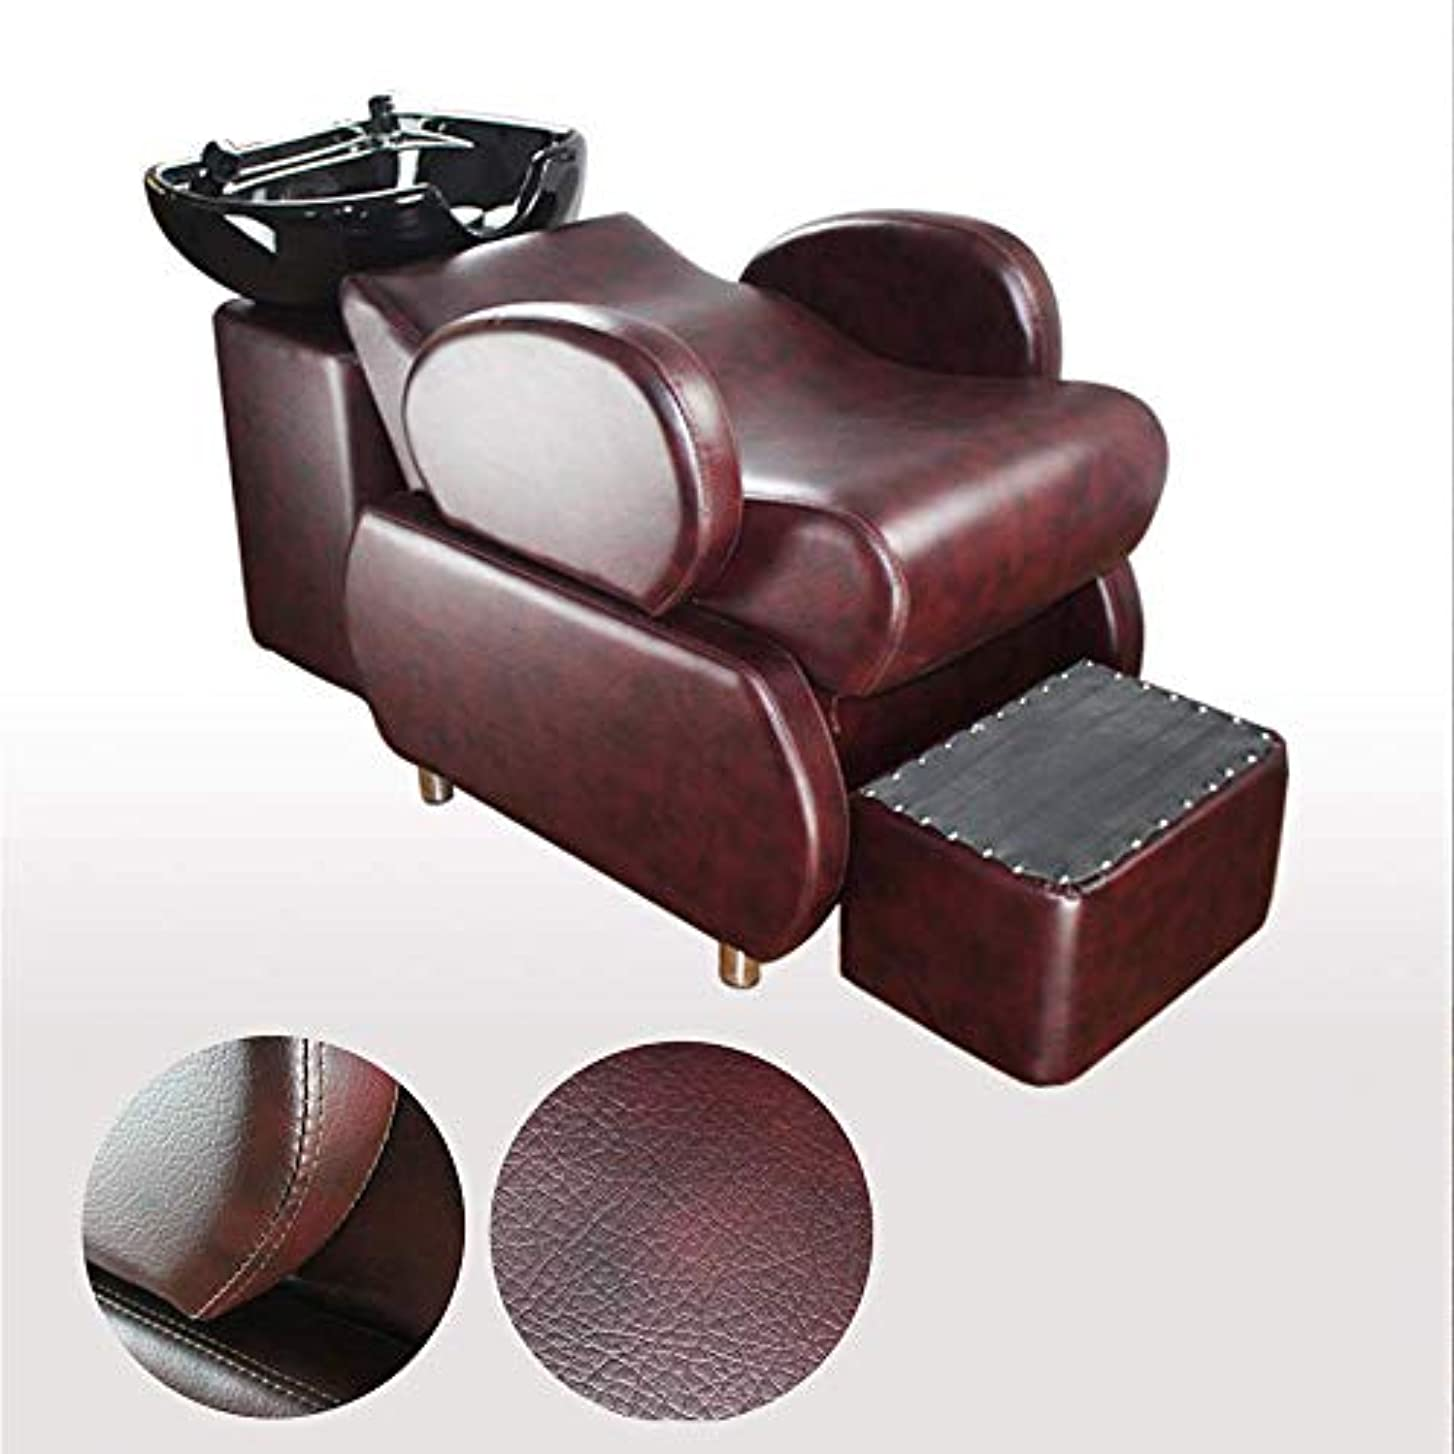 使い込む抵抗するアストロラーベシャンプーチェア、逆洗ユニットシャンプーボウル理髪シンク椅子半横たわっているシャンプーベッドスパ美容院機器